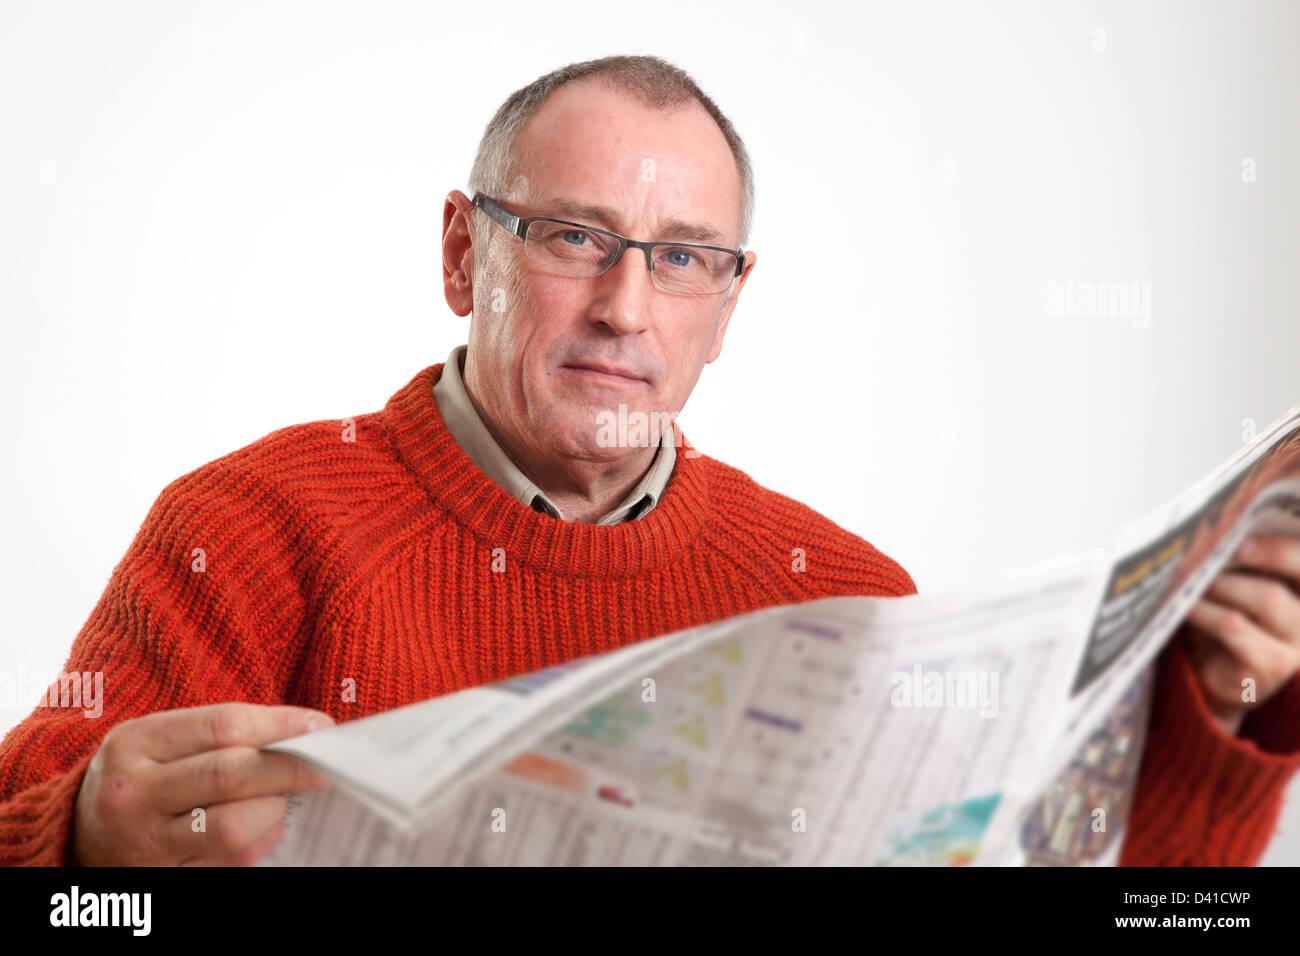 Hombre maduro en 50s llevaba suéter, leyendo un periódico diario, mirando a la cámara seria. Imagen De Stock